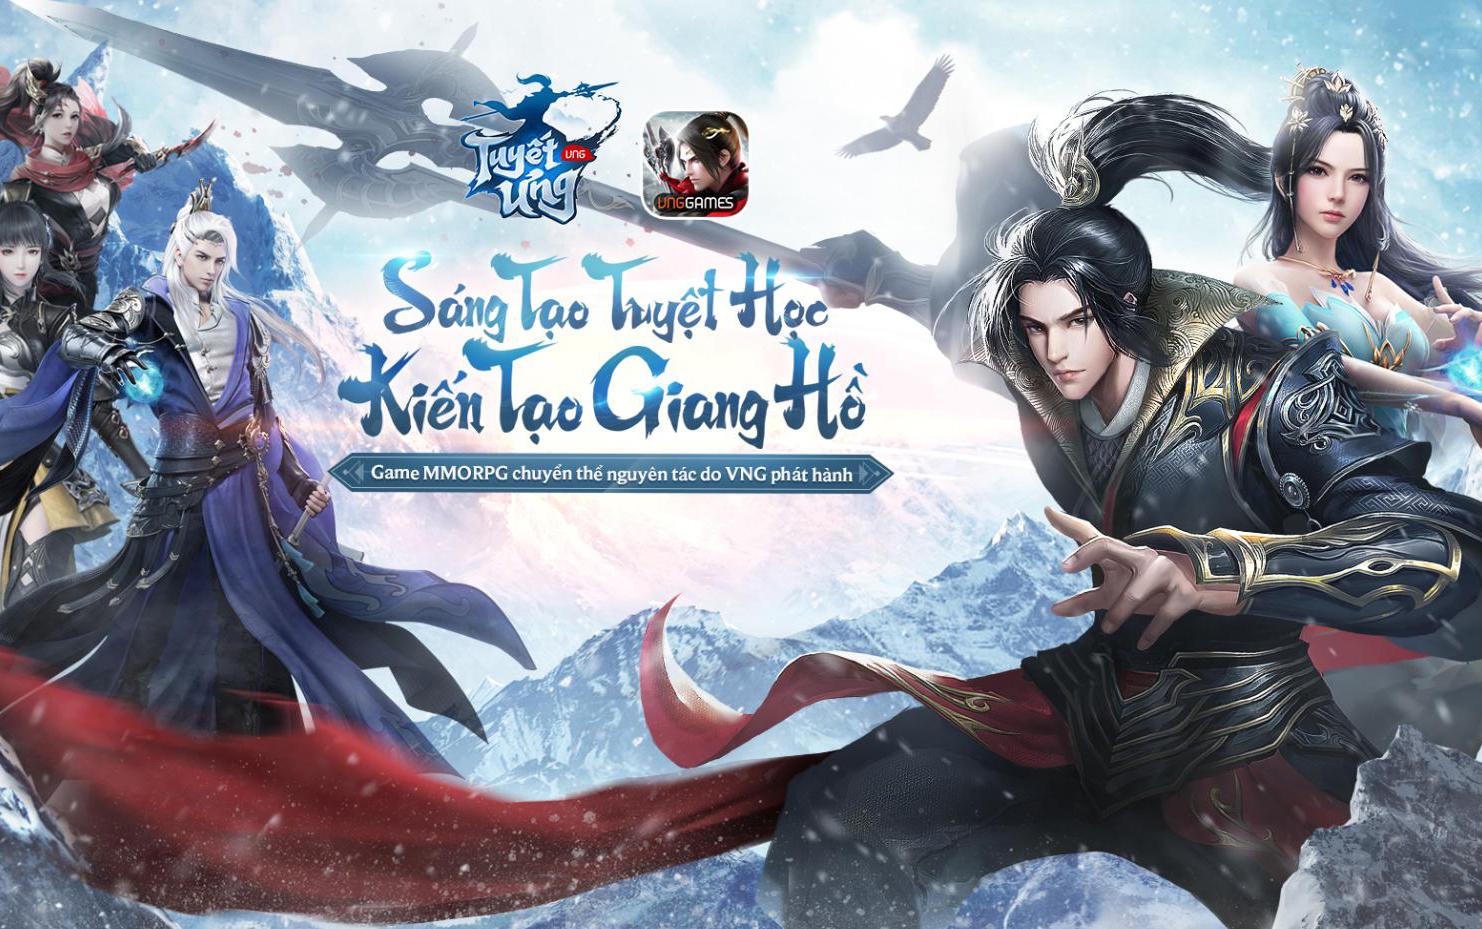 Tuyết Ưng VNG tặng gift code nhân dịp ra mắt